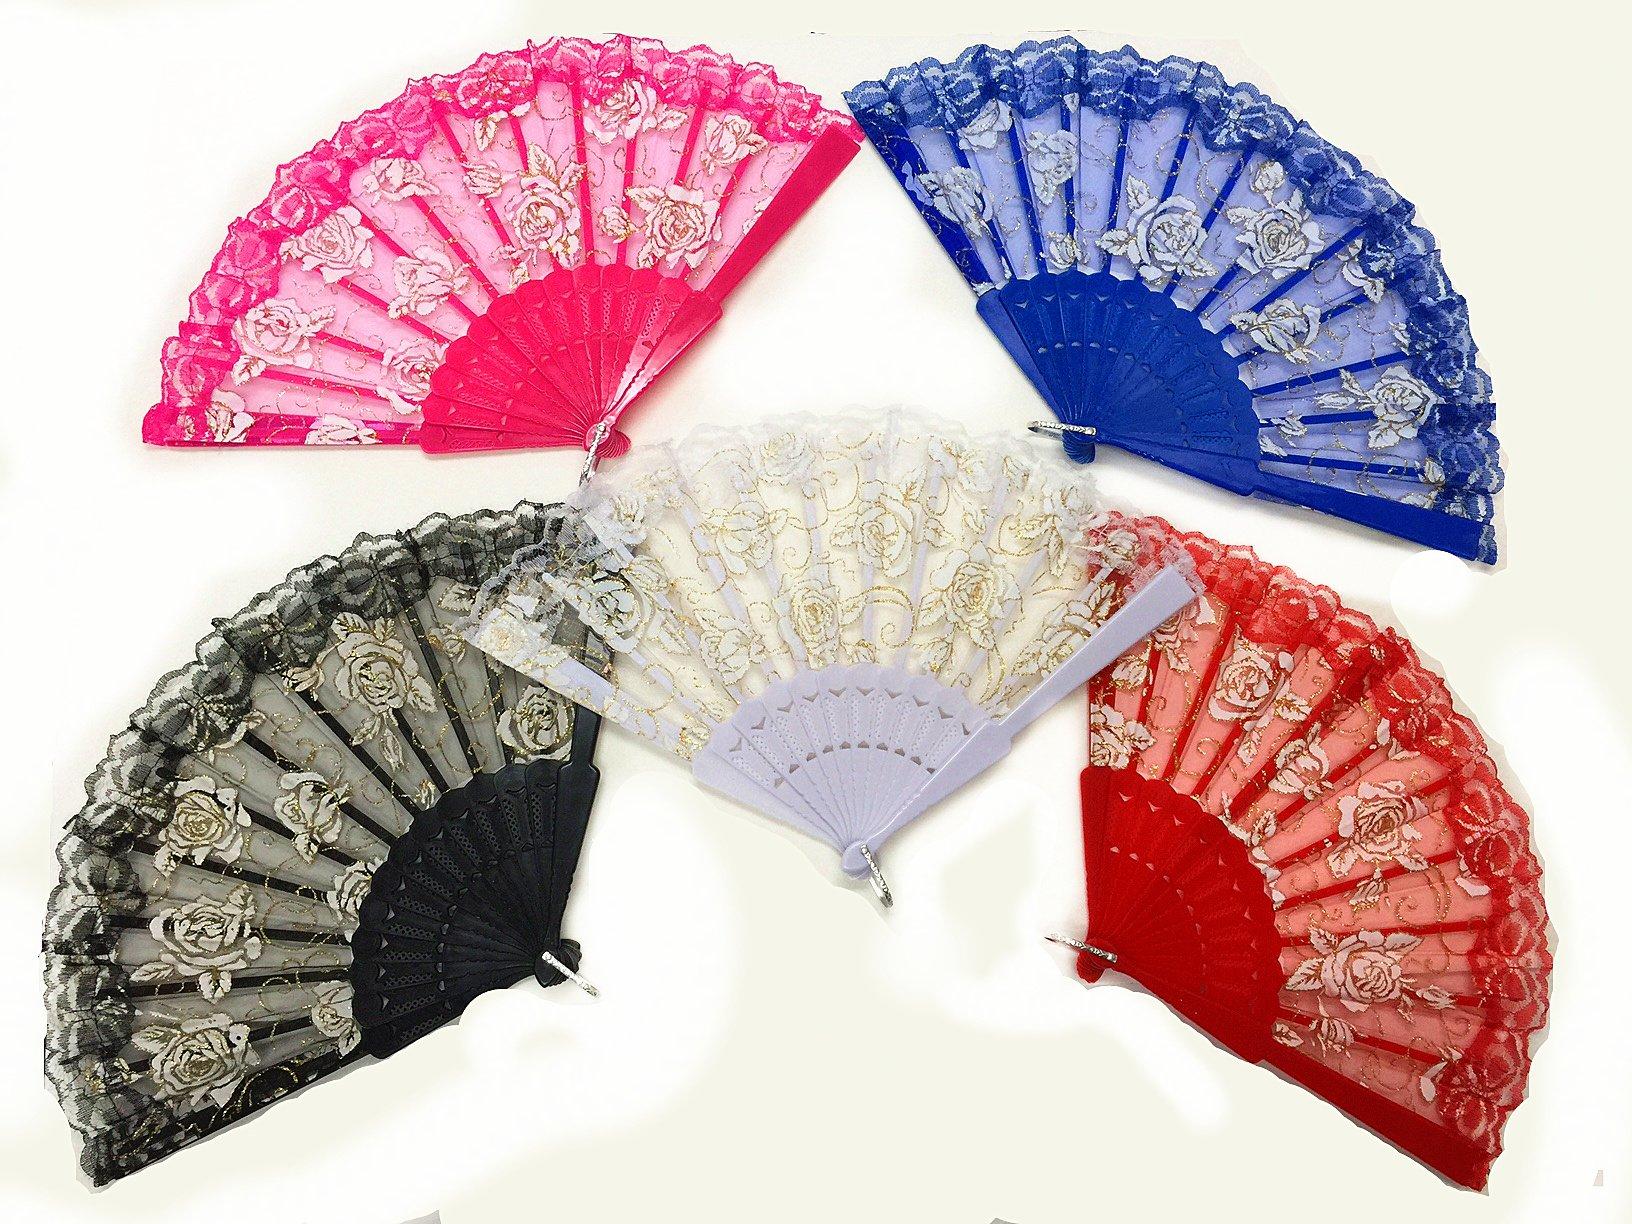 Dance Lace Fan 5 pcs Set